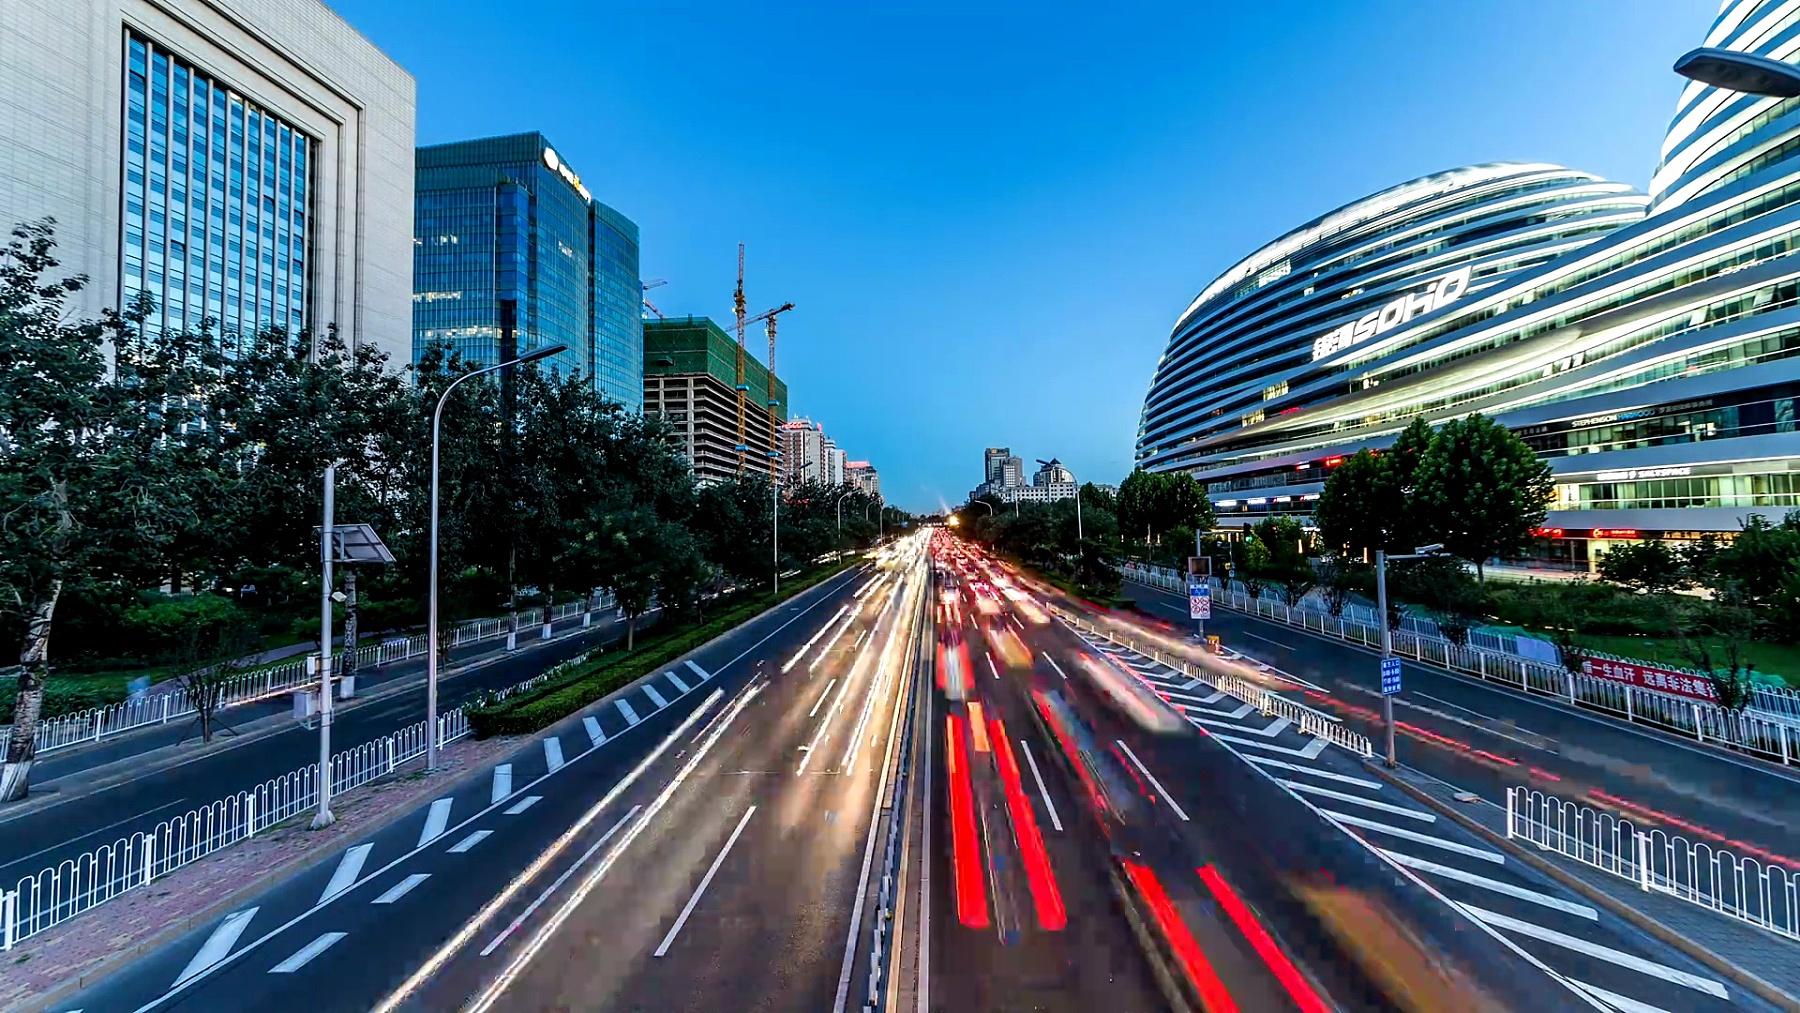 北京,城市快速路,延时,